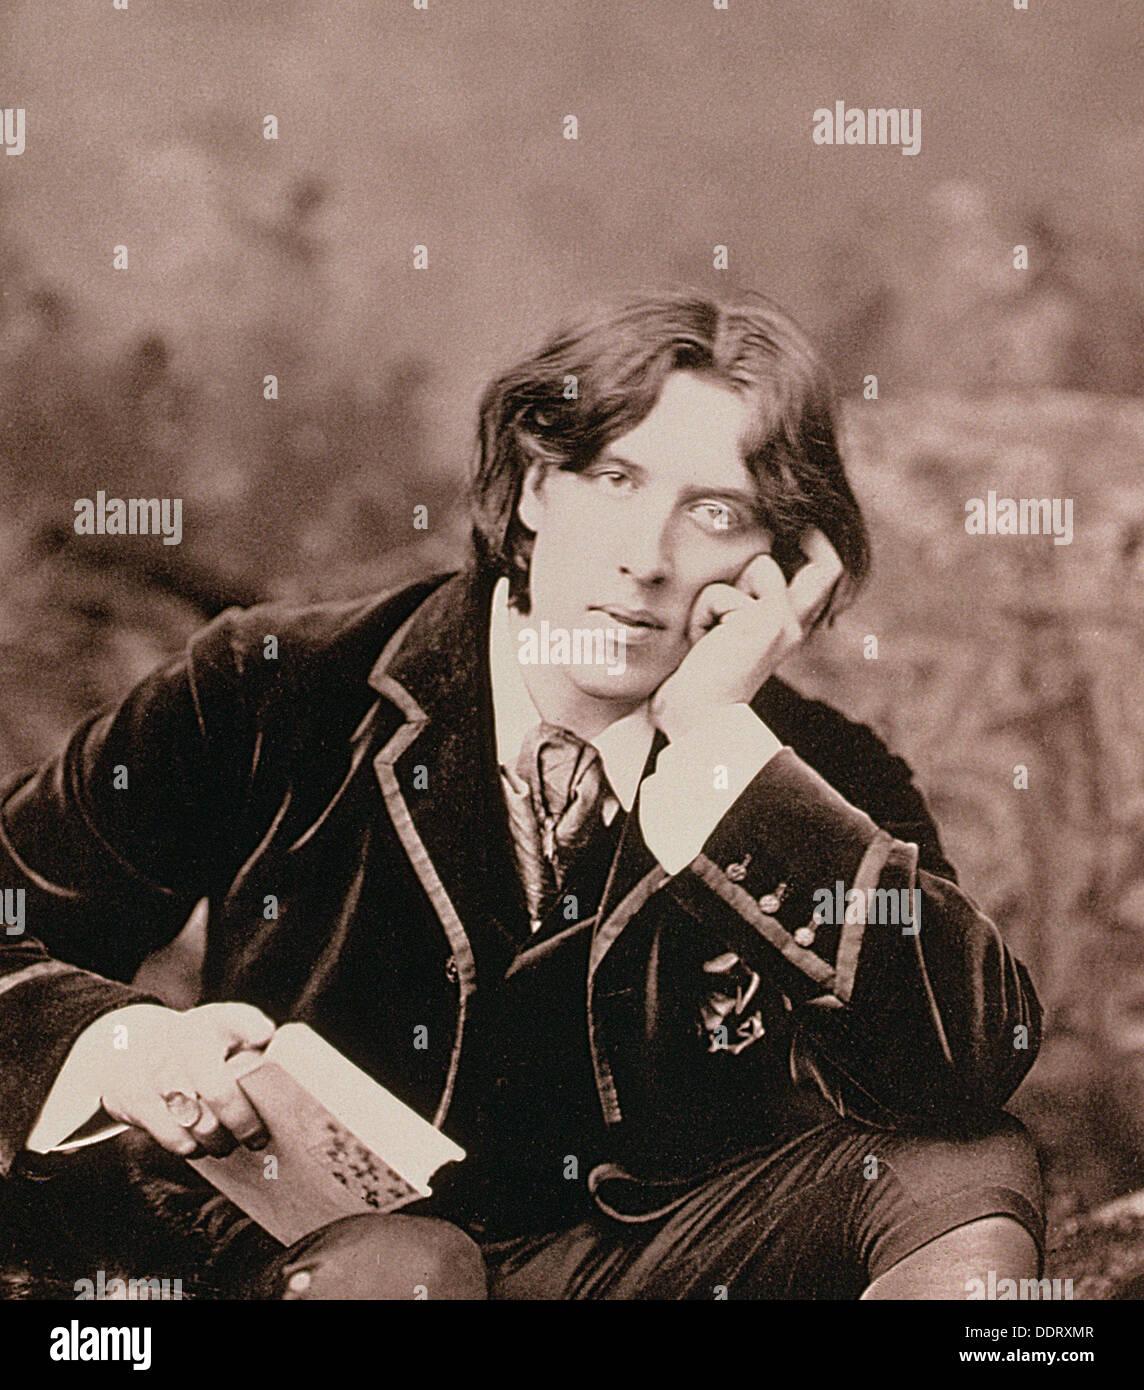 Oscar Wilde, irischer Dramatiker geboren und Witz, 1882. Künstler: unbekannt Stockfoto